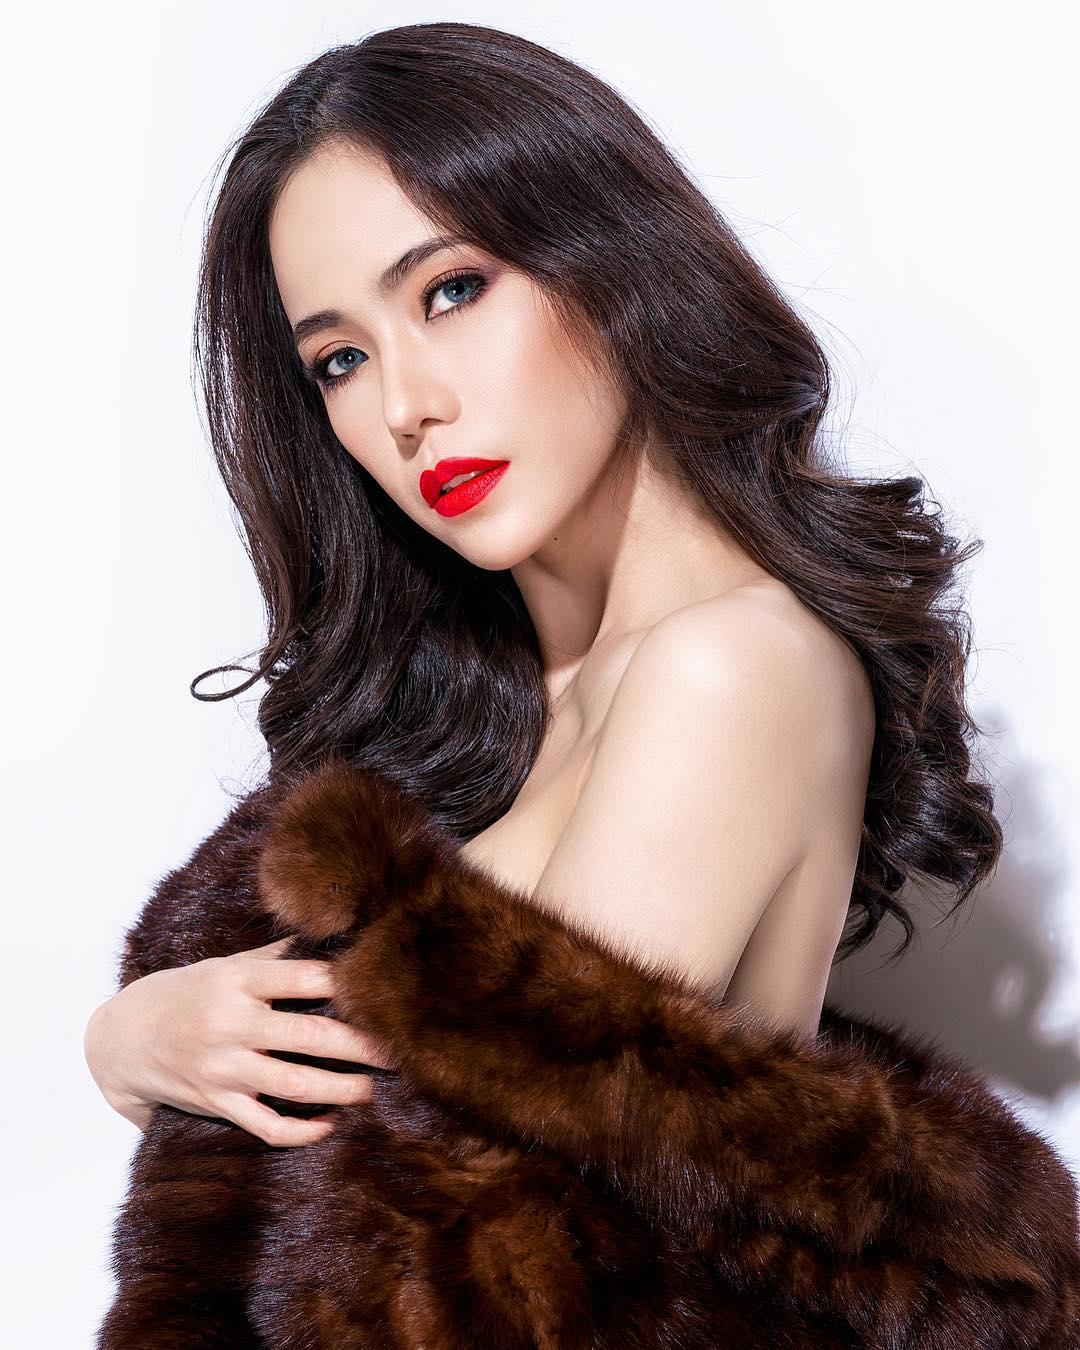 nữ dj xinh đẹp - roxy june tạo dáng với áo bông